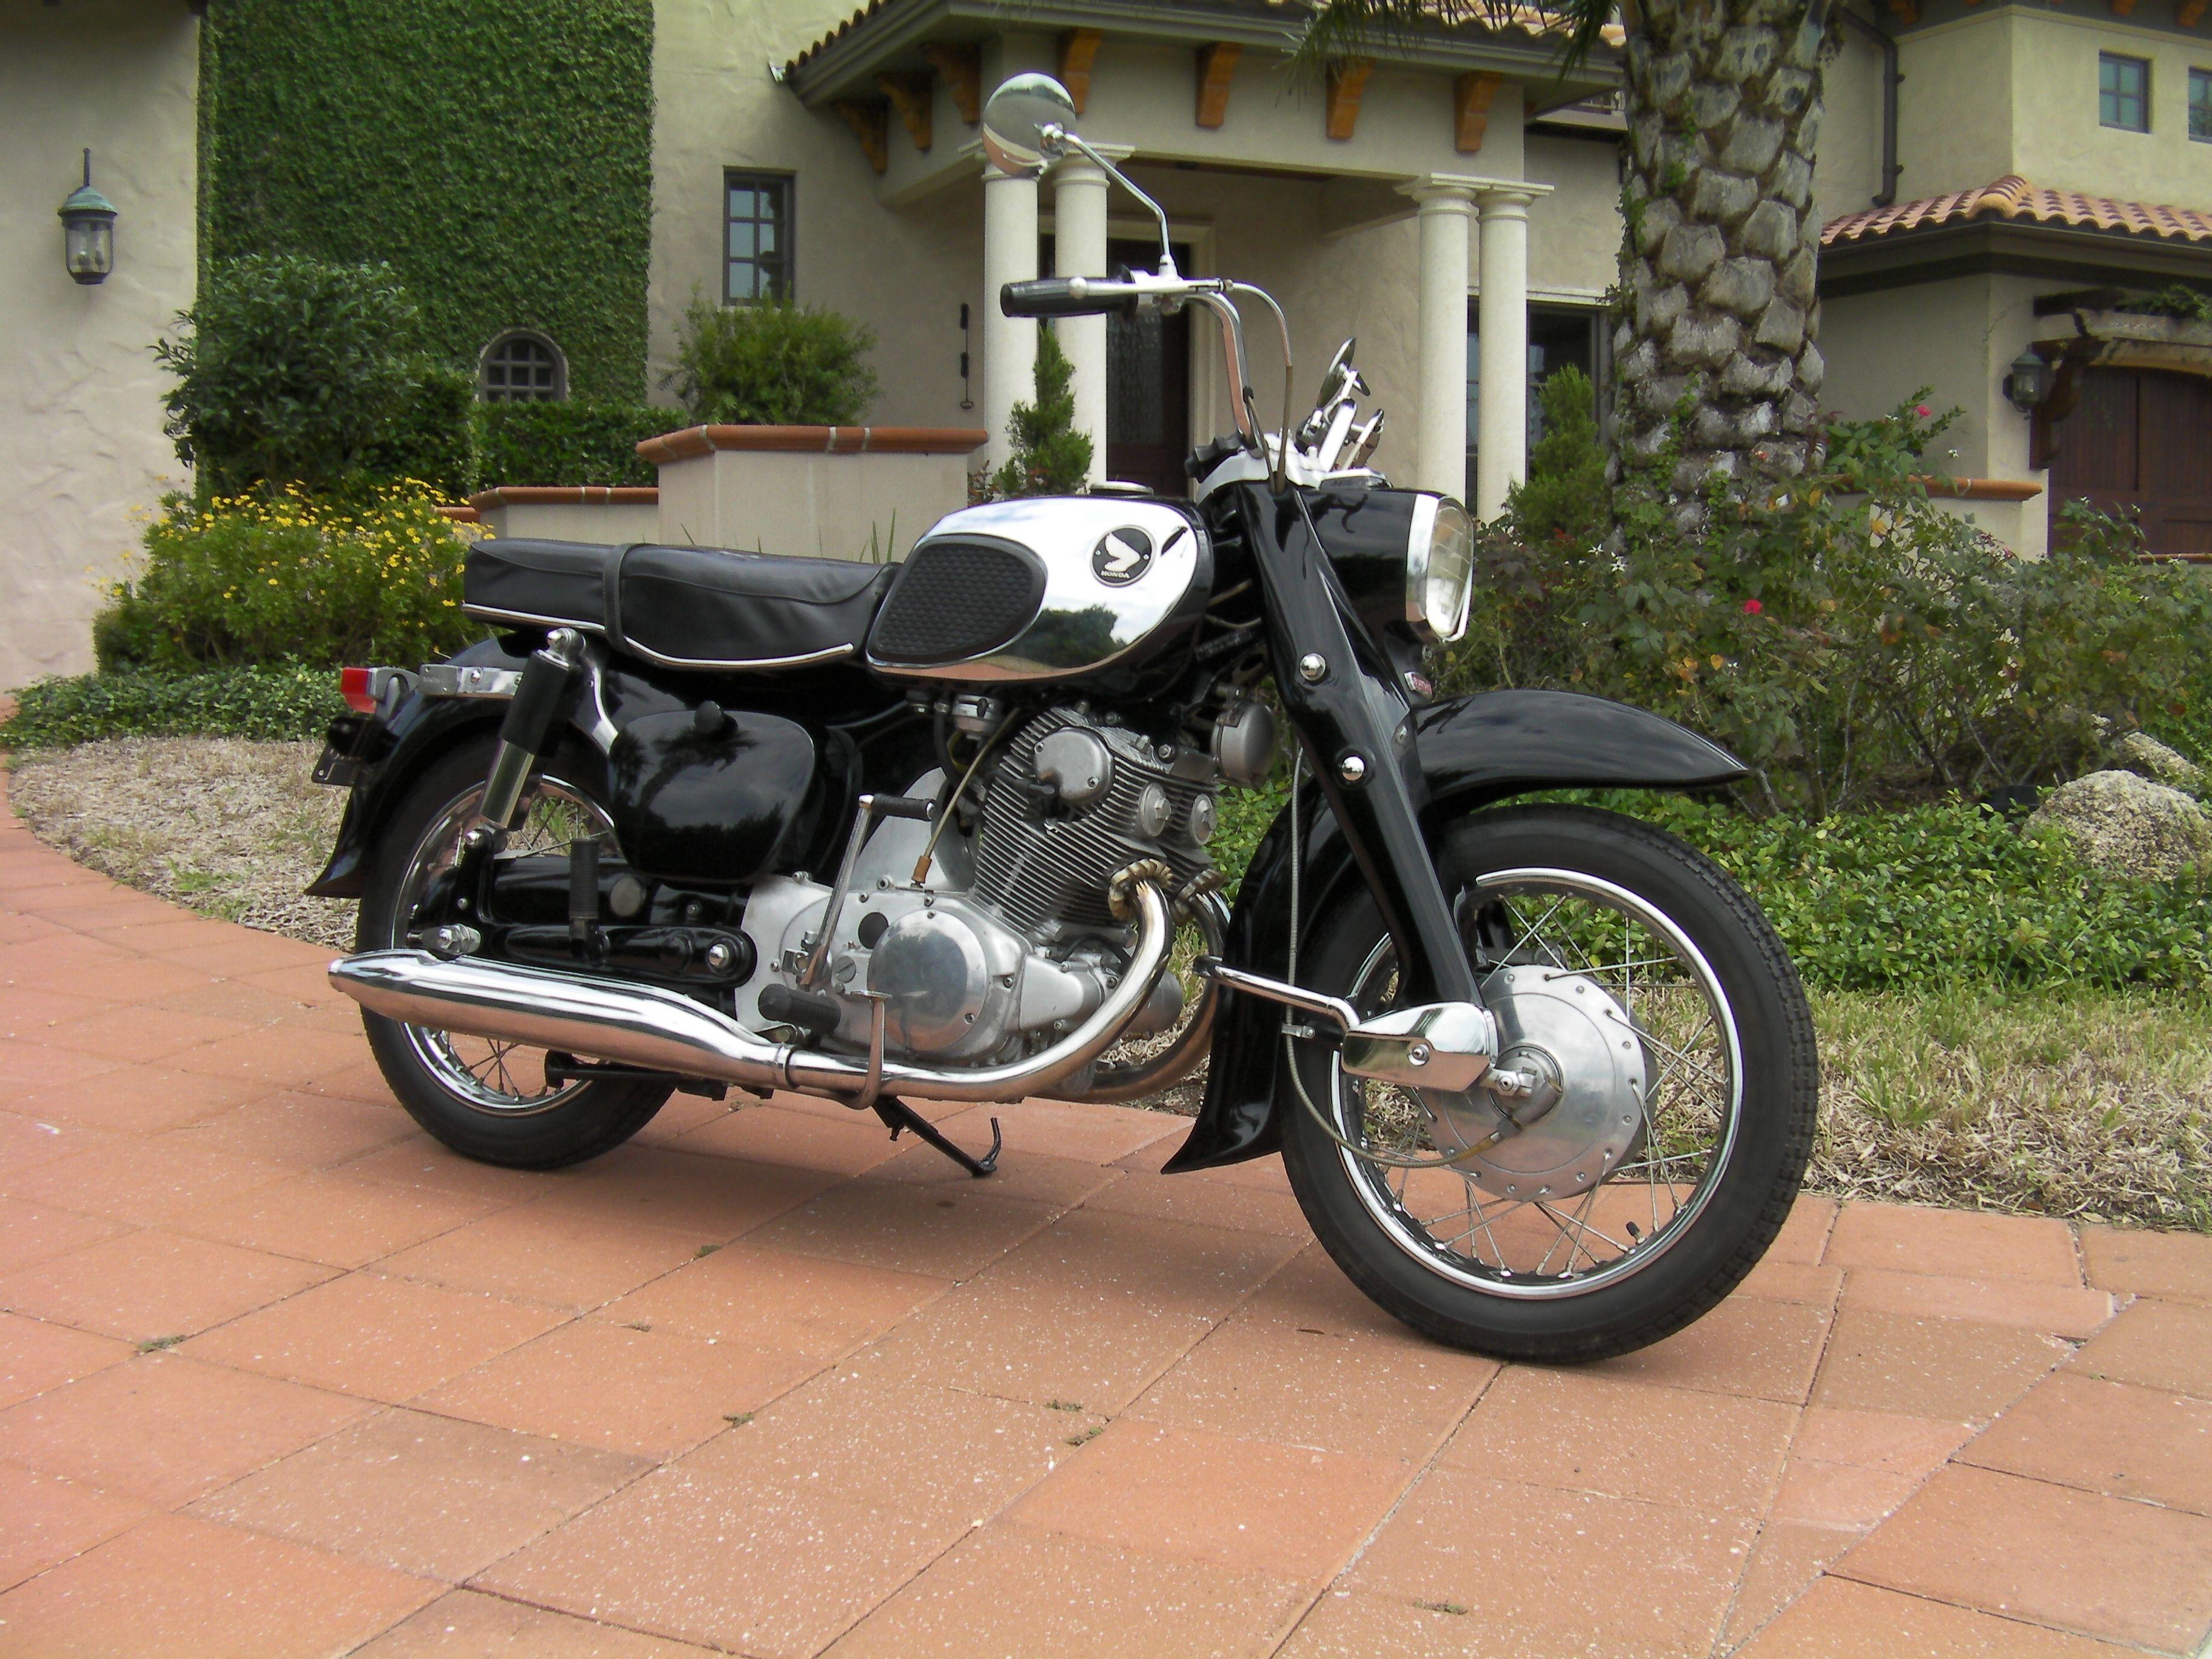 engine diagram for 1967 honda 305 scrambler 1969 honda 350